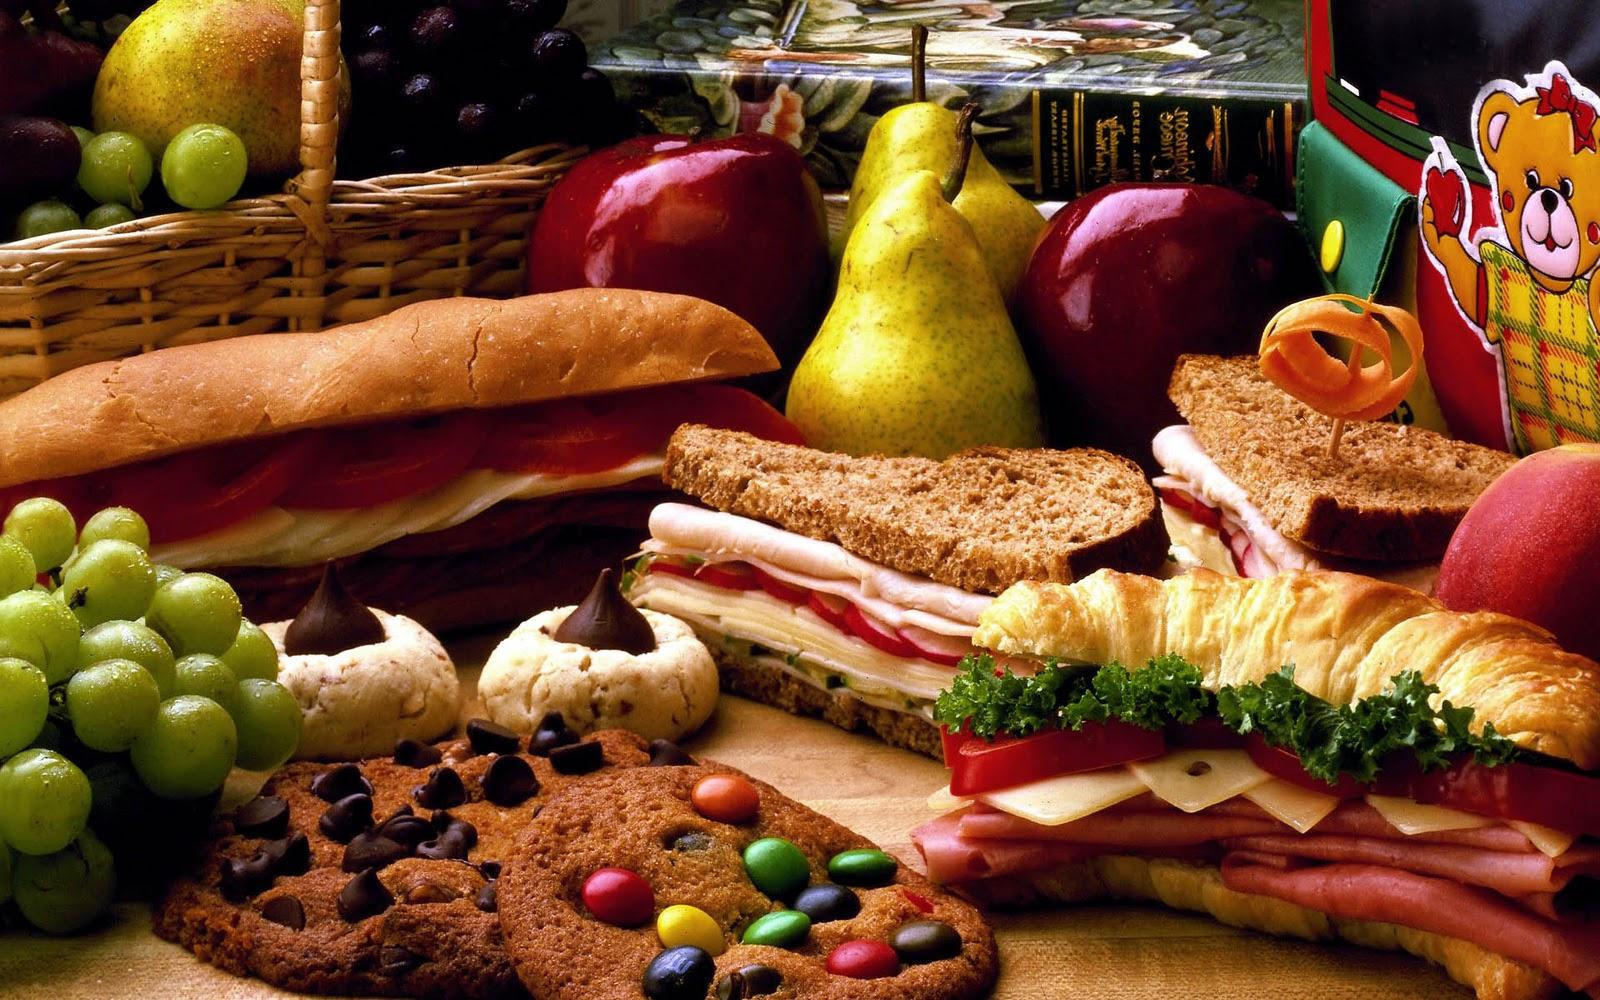 Food Desktop Wallpaper Desktop Image 1600x1000